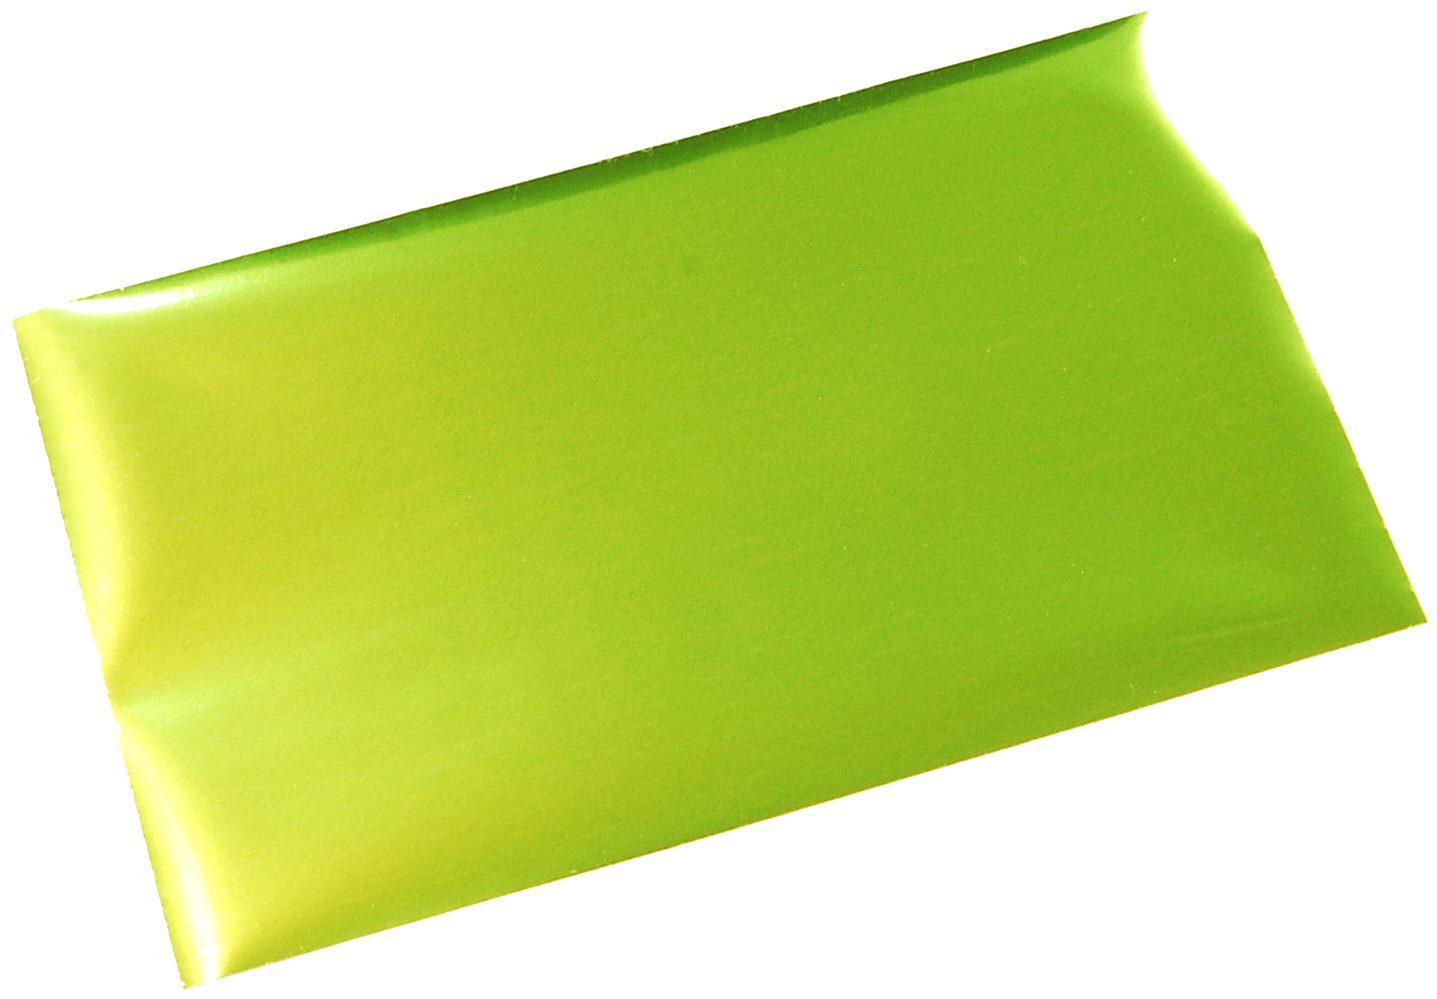 箔押しシール-緑-キウイグリーン